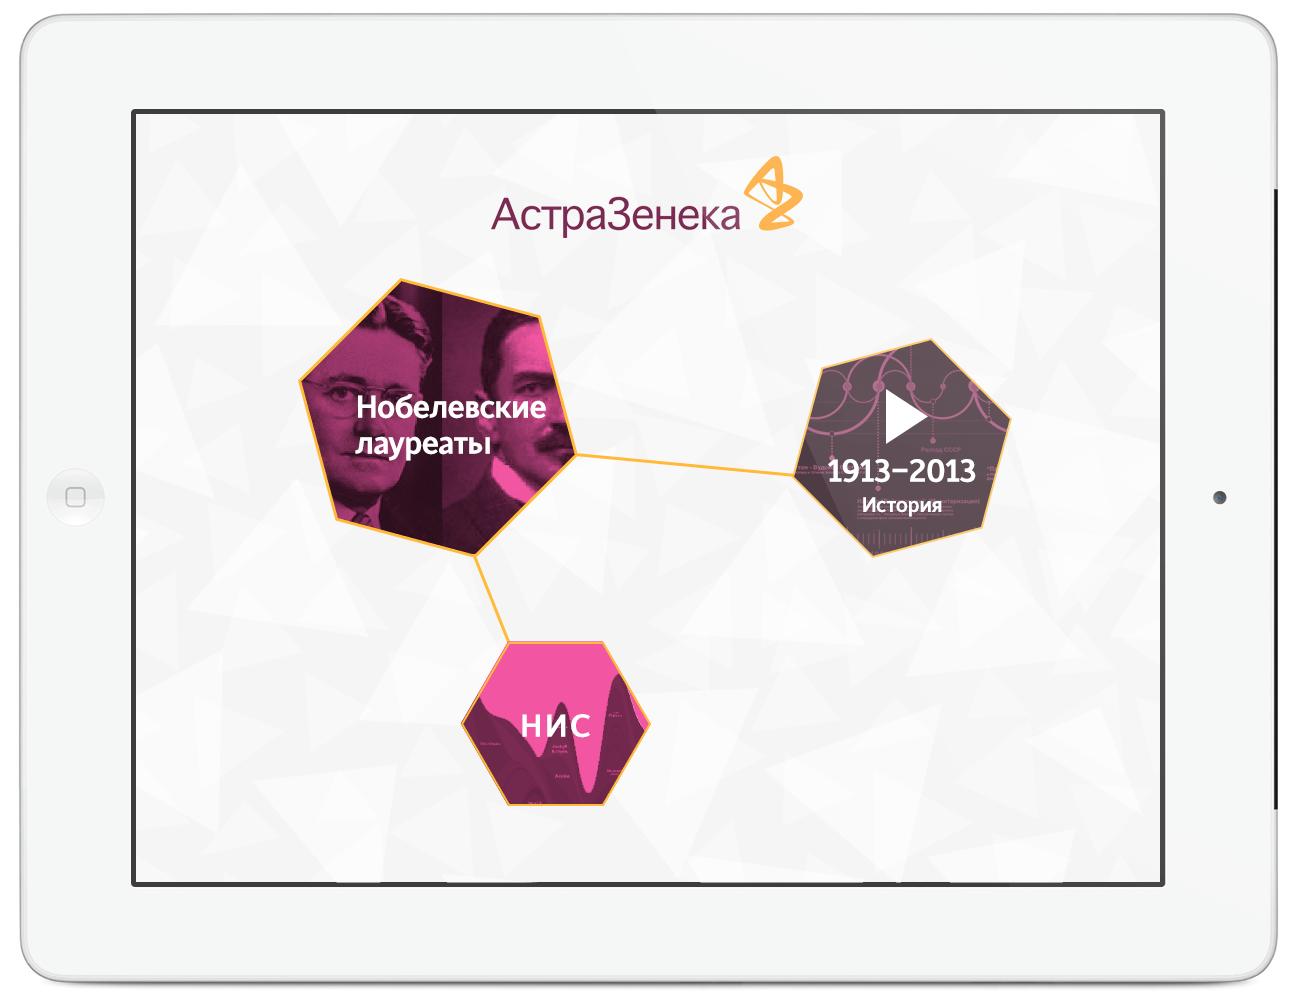 Приложение «АстраЗенека» Сайт Артура Нецветаева — сайты, приложения, прототипы и оформление интерфейсов main